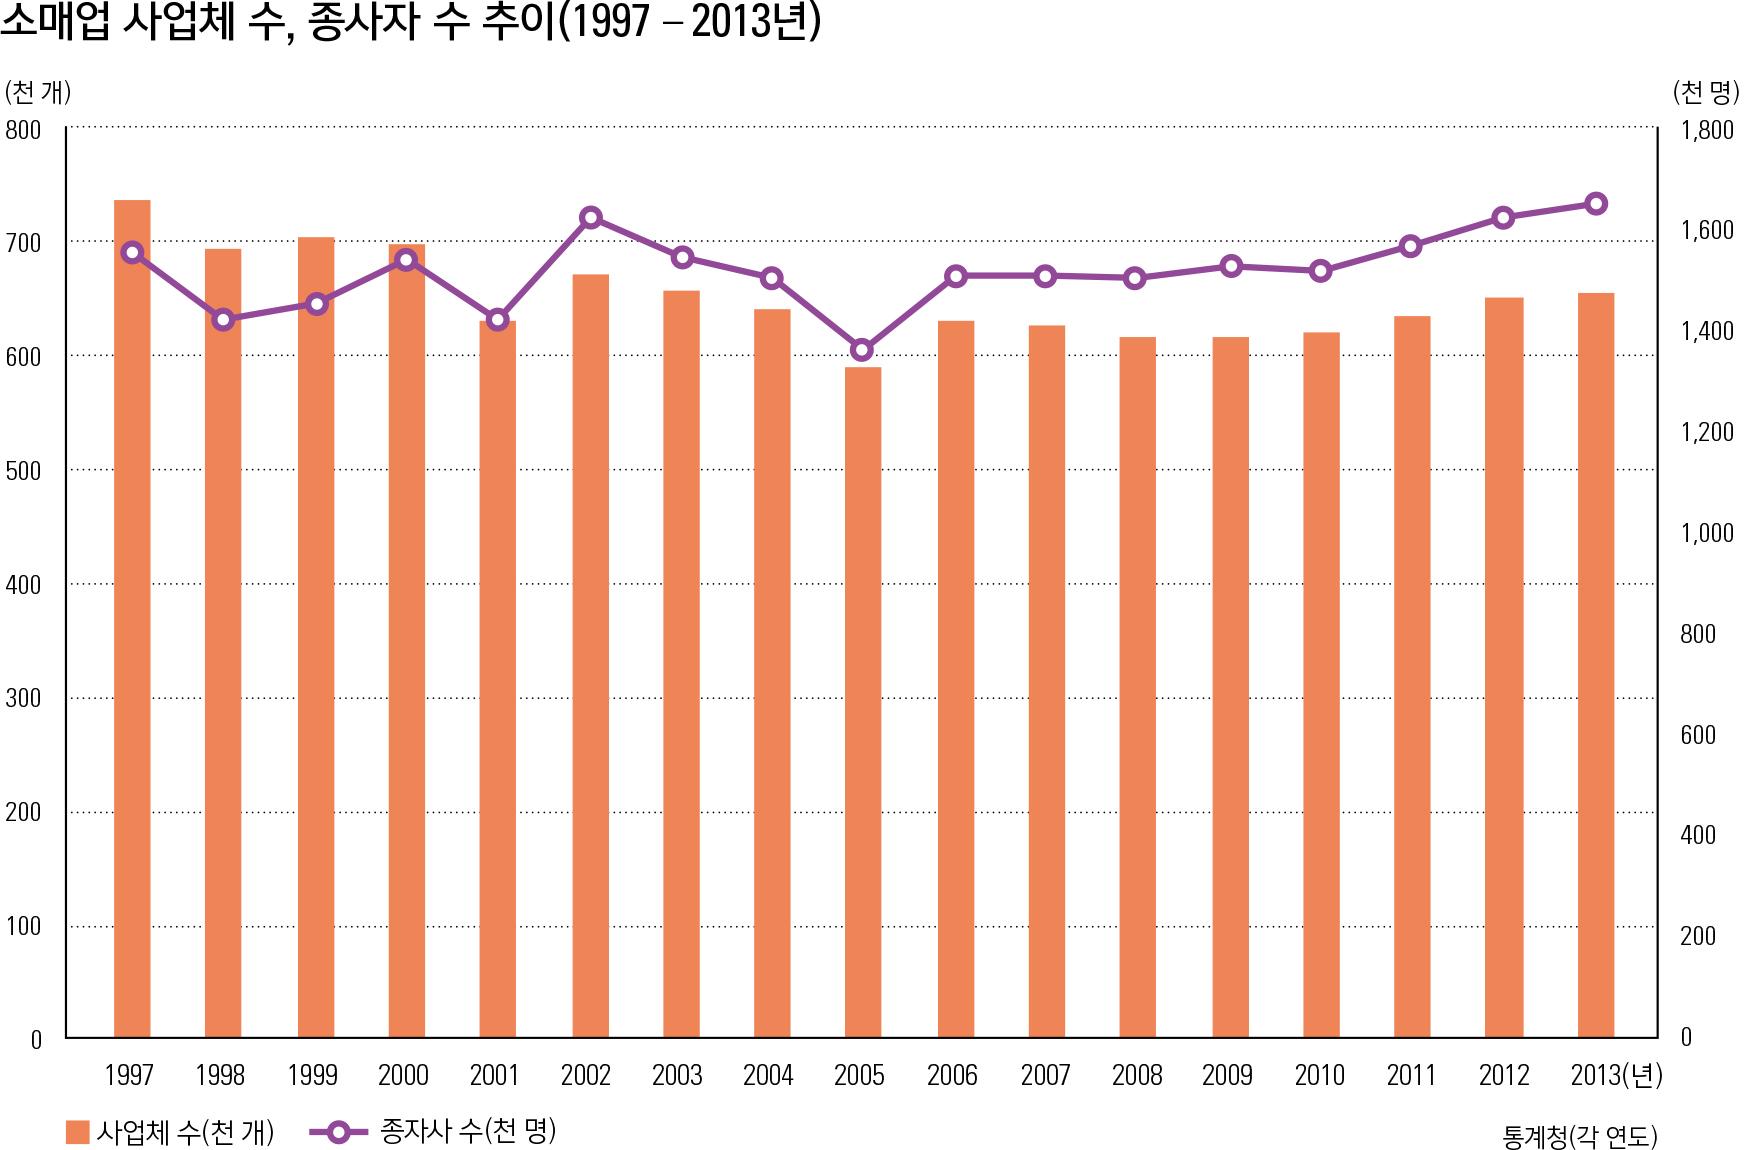 소매업 사업체 수, 종사자 수 추이(1997 – 2013년)